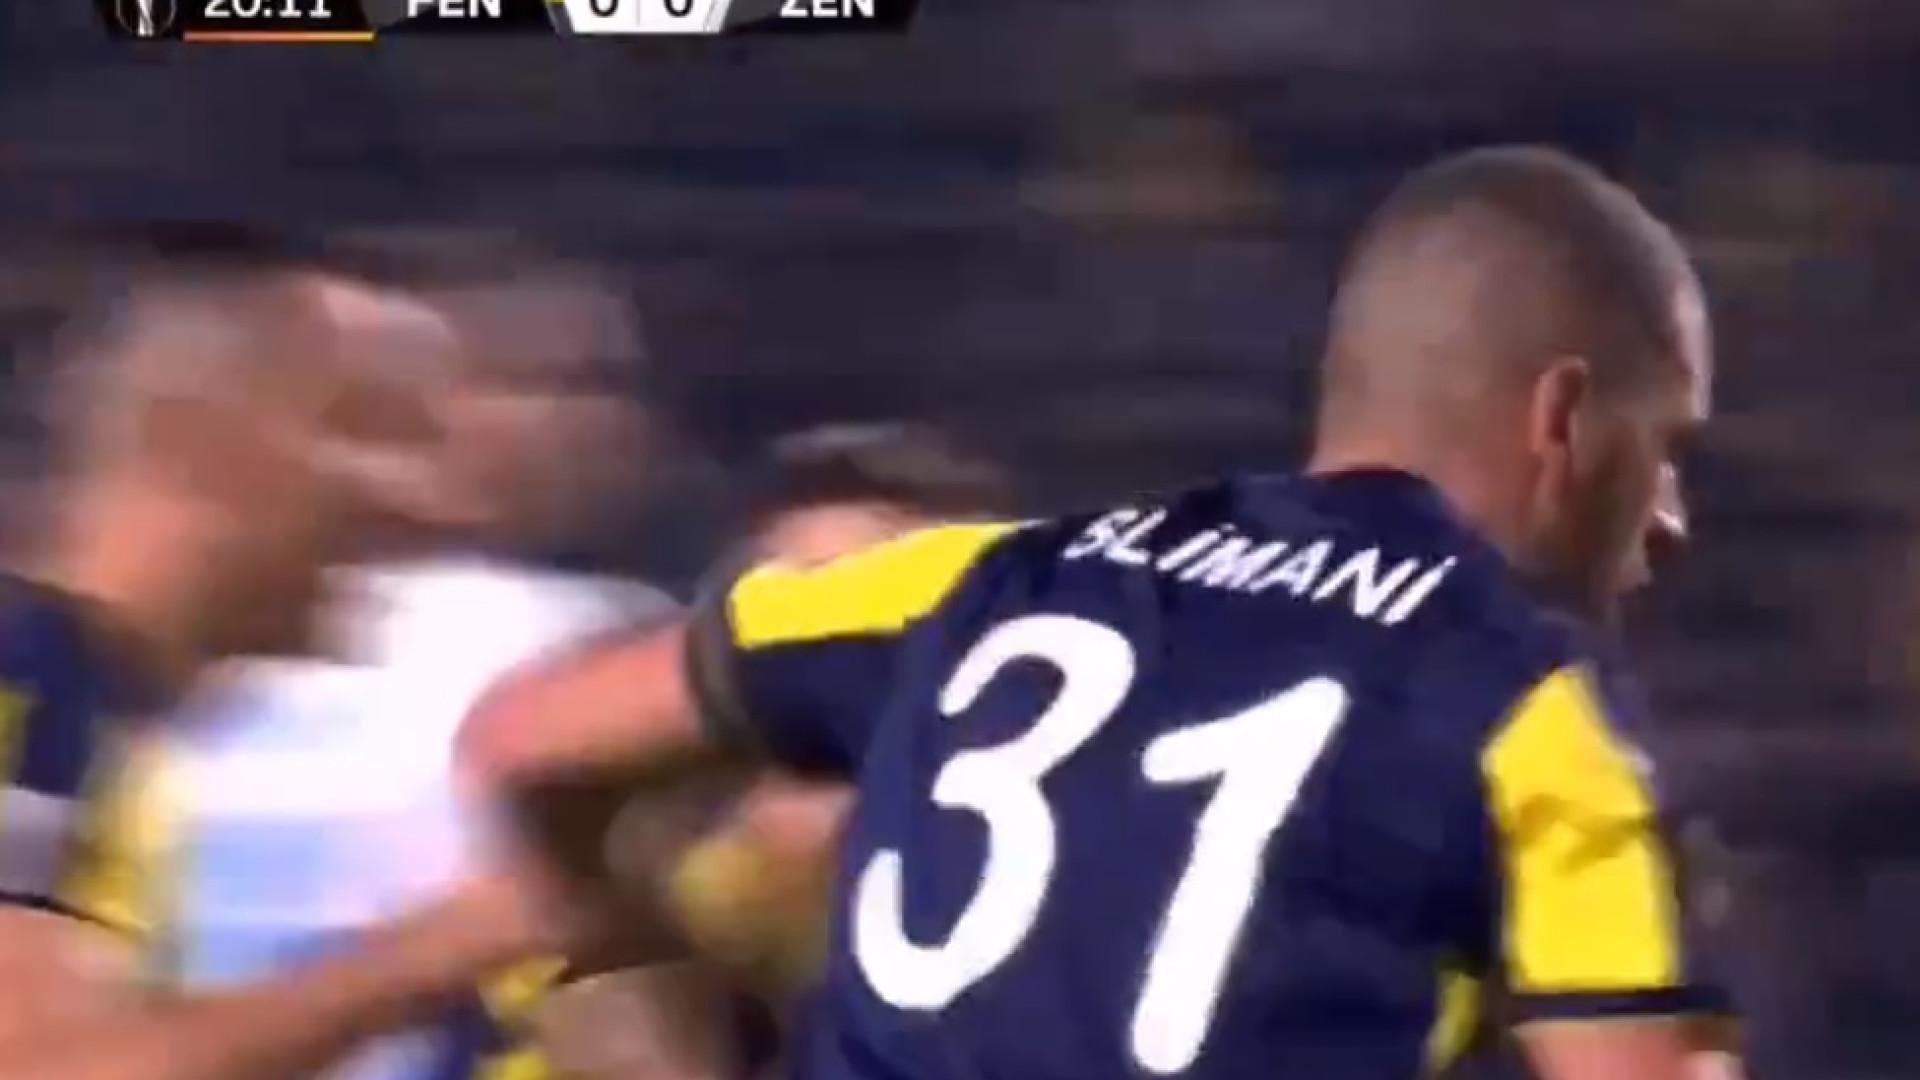 Depois de um canto, Slimani abre o marcador europeu na Turquia